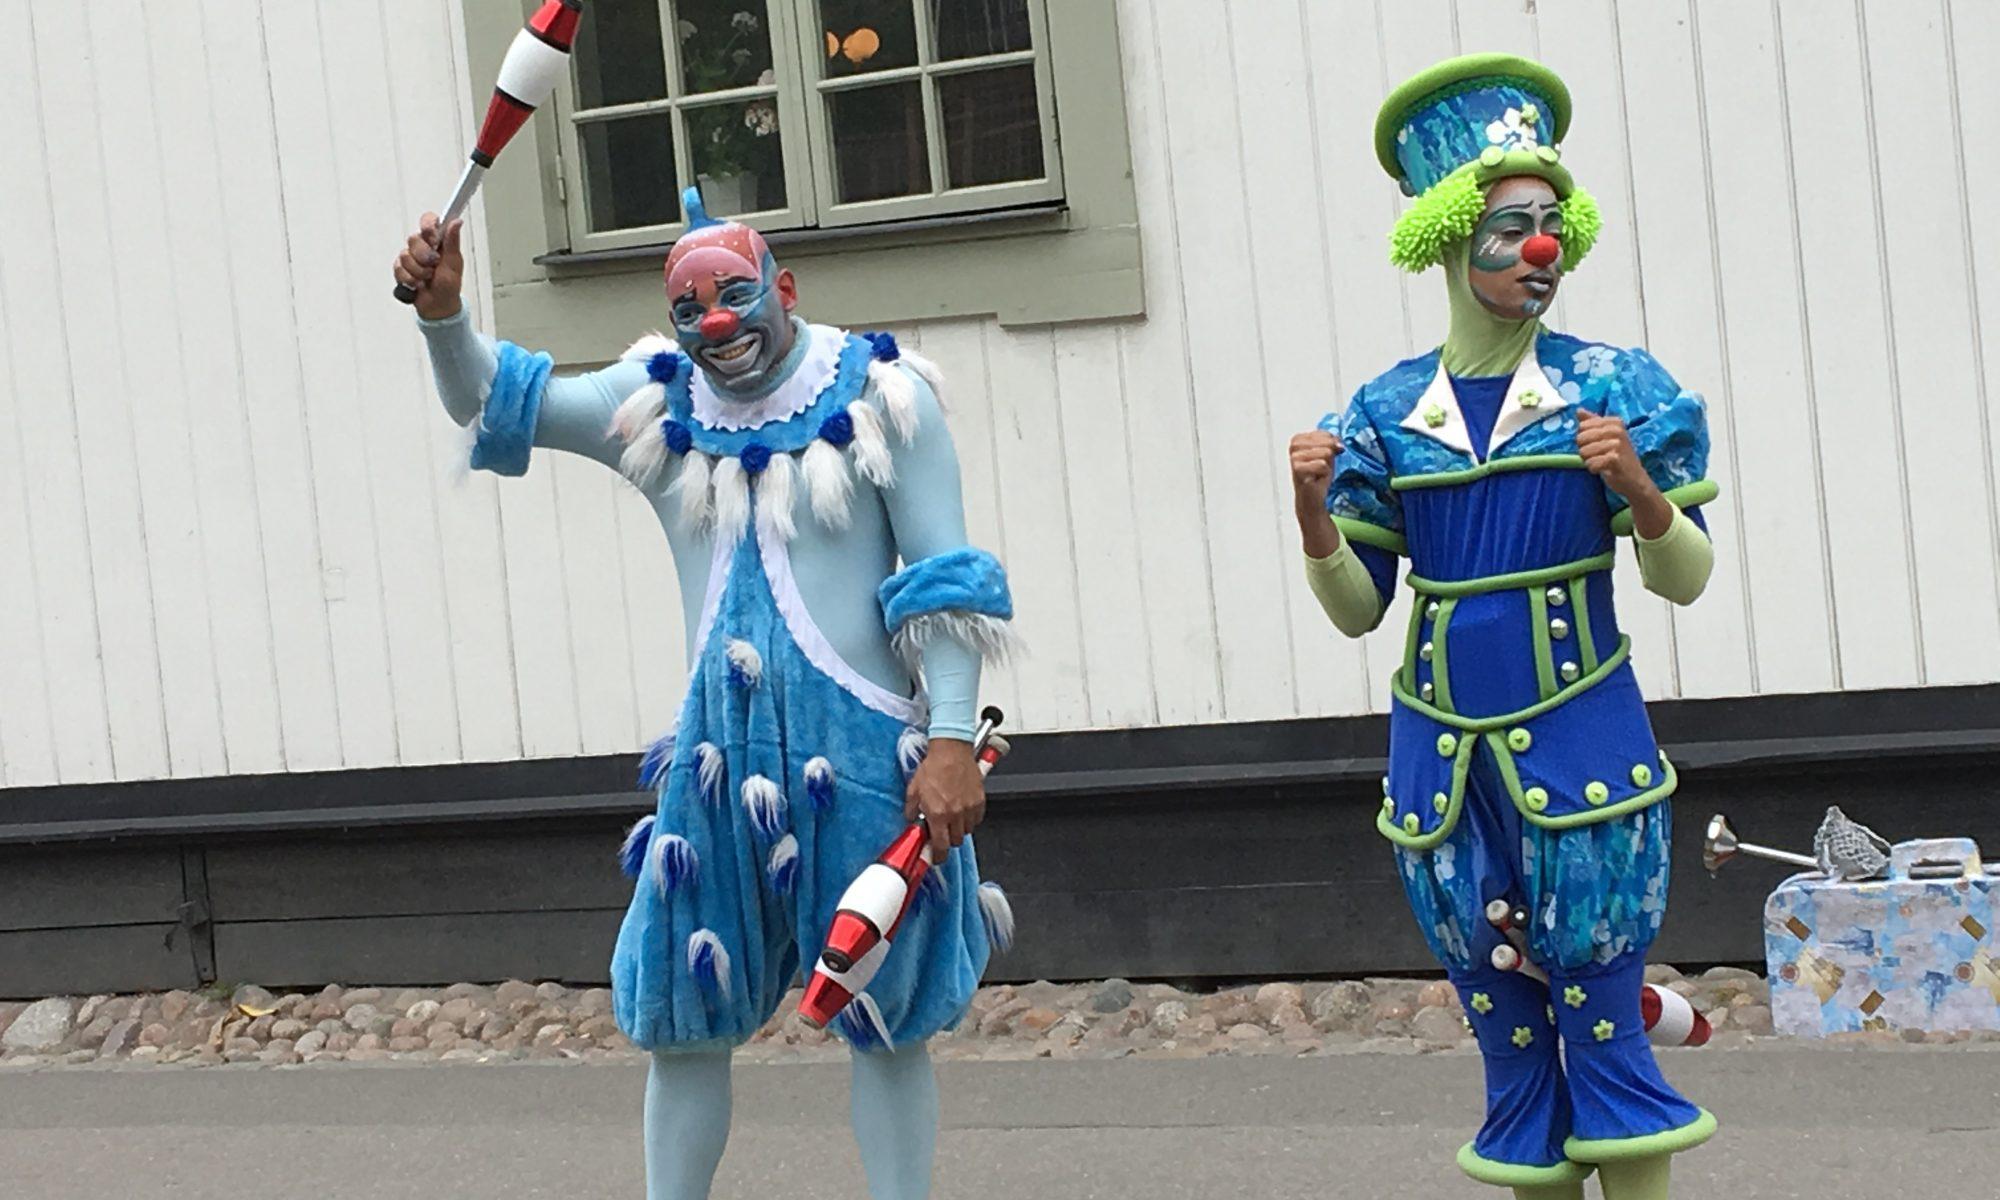 Spring så spelar vi! – maratonextra på Djurgården